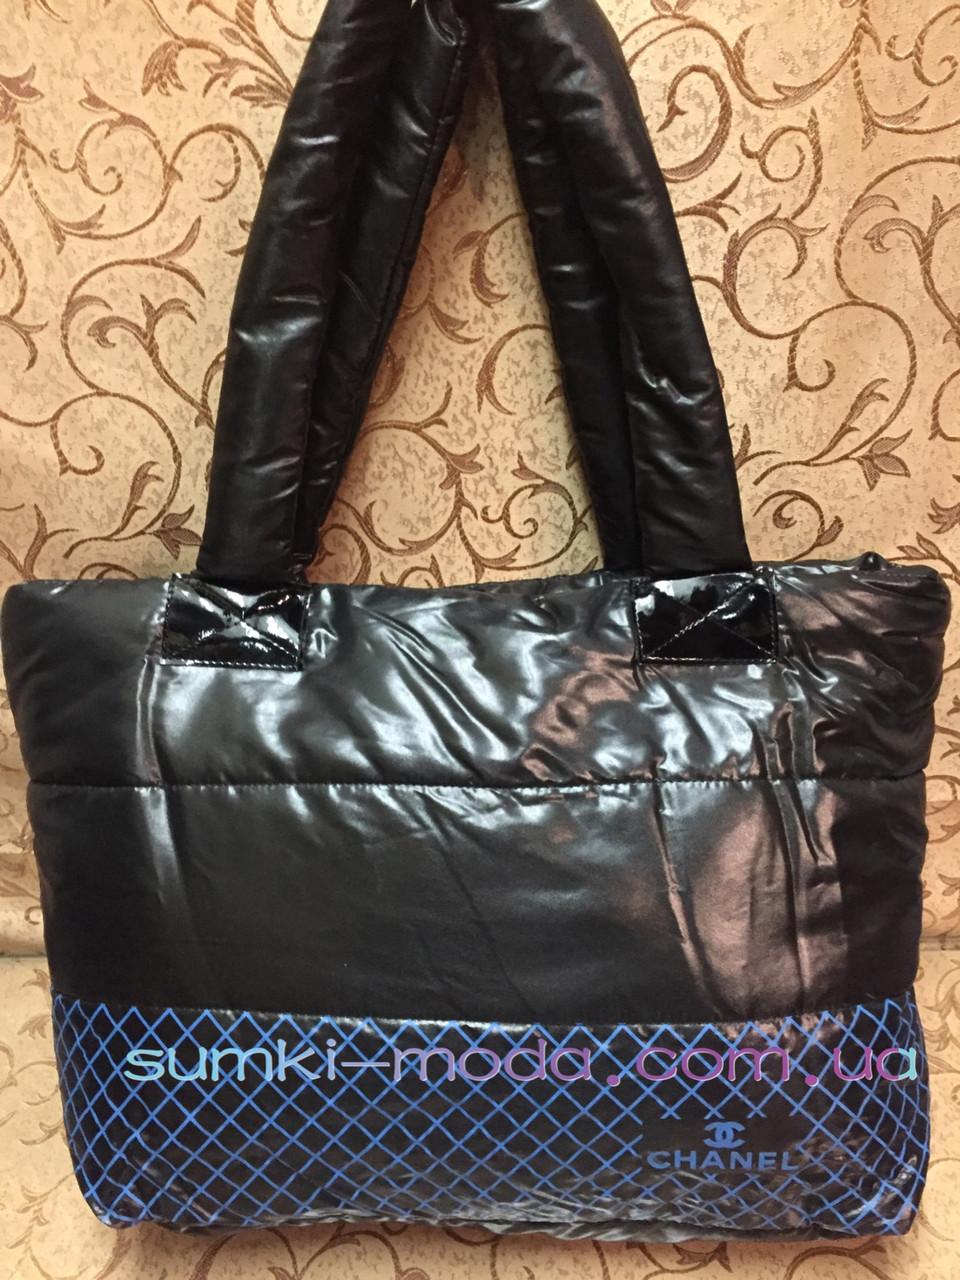 РАСПРОДАЖА Спортивная сумка Хлопок дутая стильный Сhanel только оптом -  интернет магазин Сумки-мода в bdaacaafd0e